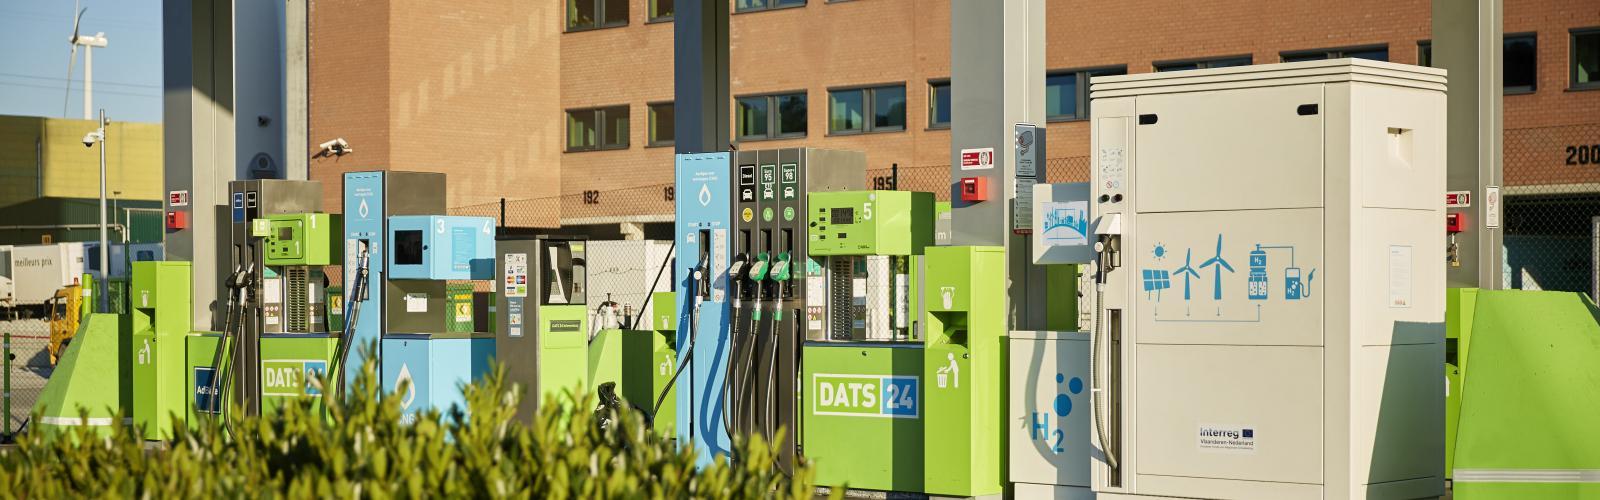 MVO Vlaanderen: Vlaanderen kan met waterstoftechnologie een voortrekkersrol vervullen.